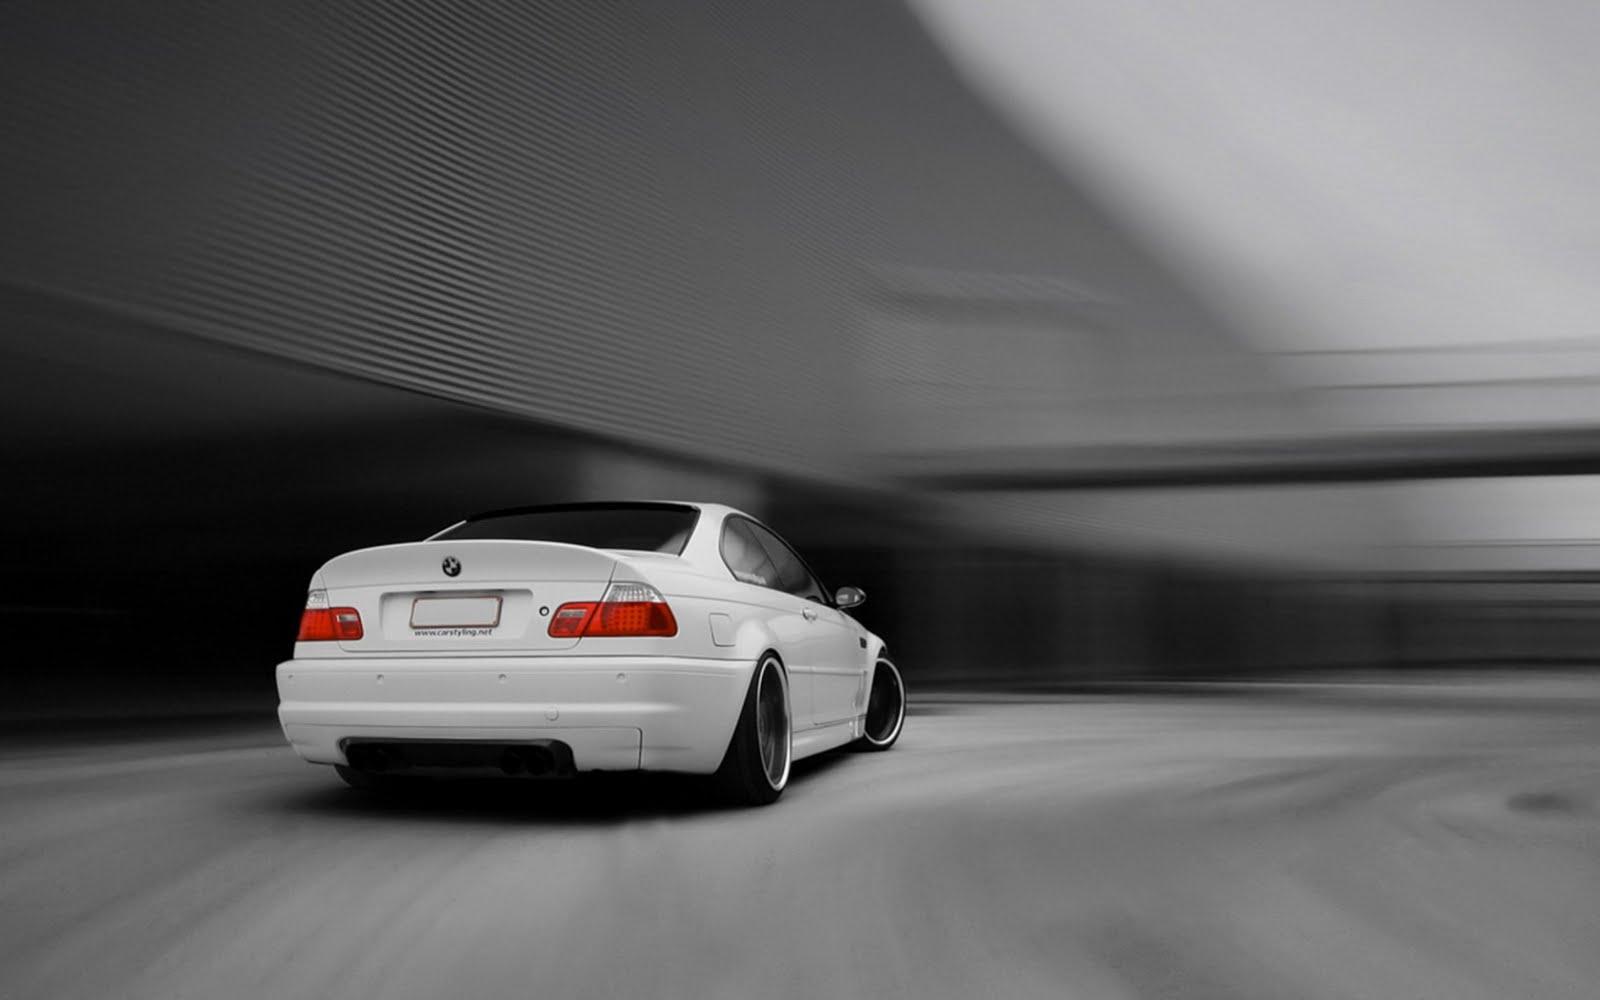 http://2.bp.blogspot.com/_aIrU_NInAww/S96pJSFYqOI/AAAAAAAAAL0/7iBkB9-Taug/s1600/laba.ws_New_Cars_HD_+0007.jpg